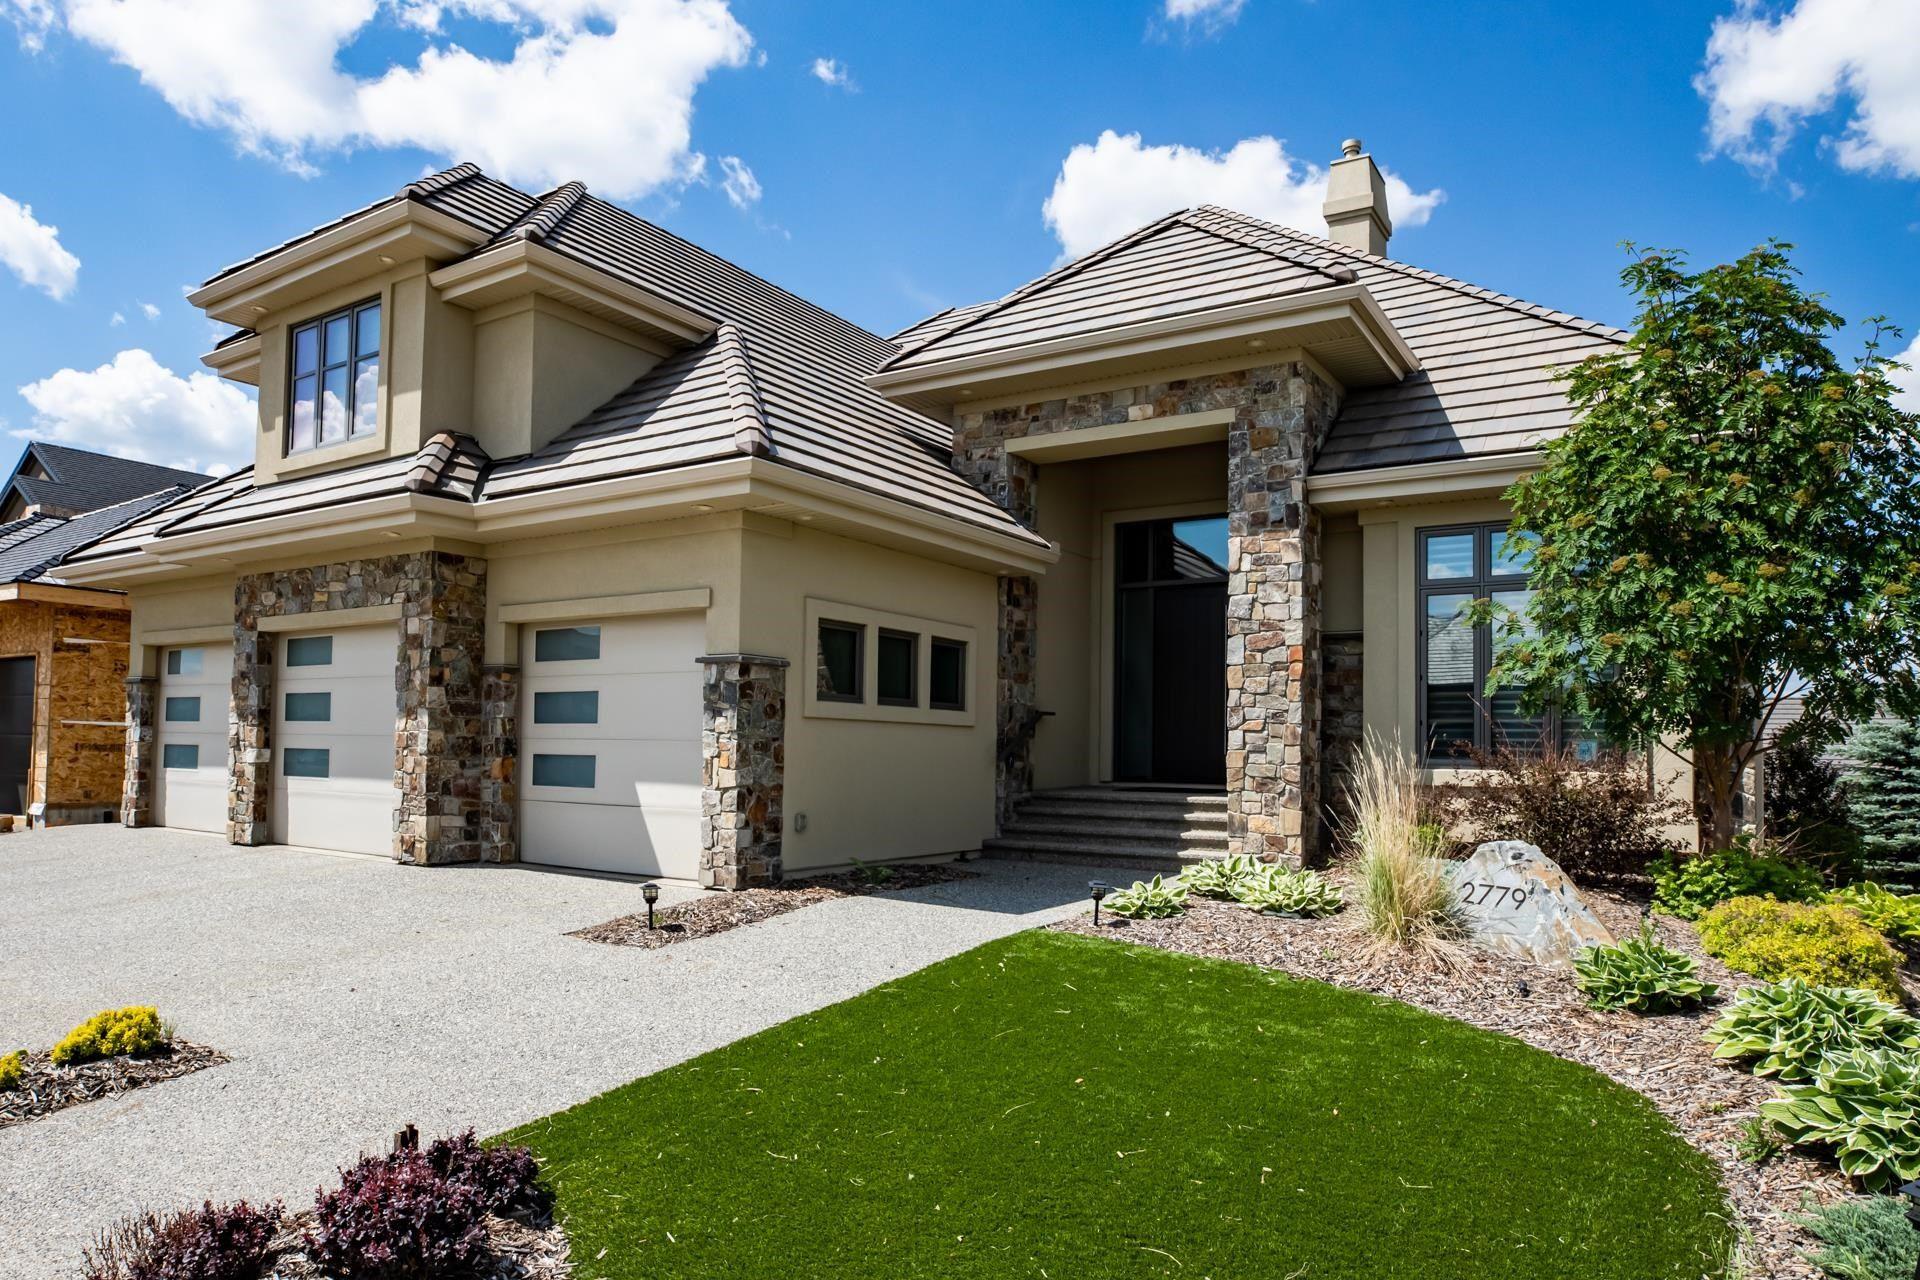 Main Photo: 2779 WHEATON Drive in Edmonton: Zone 56 House for sale : MLS®# E4263353